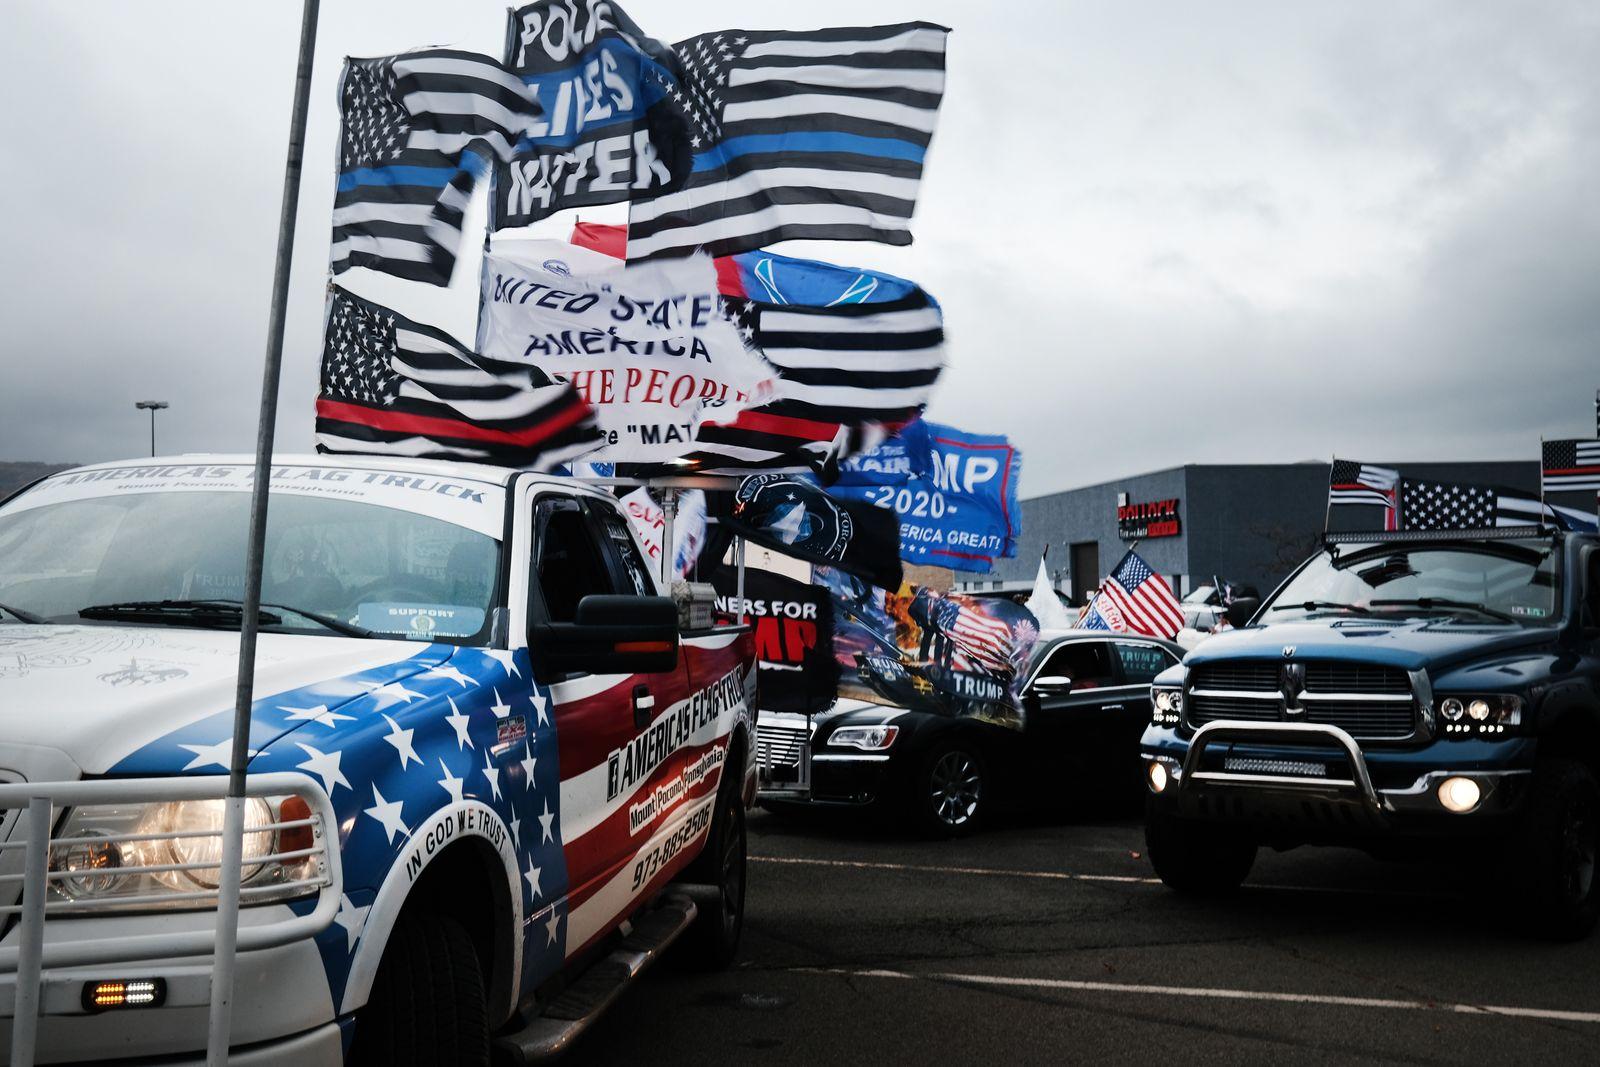 Battleground State Of Pennsylvania Prepares Tuesday's Presidential Election